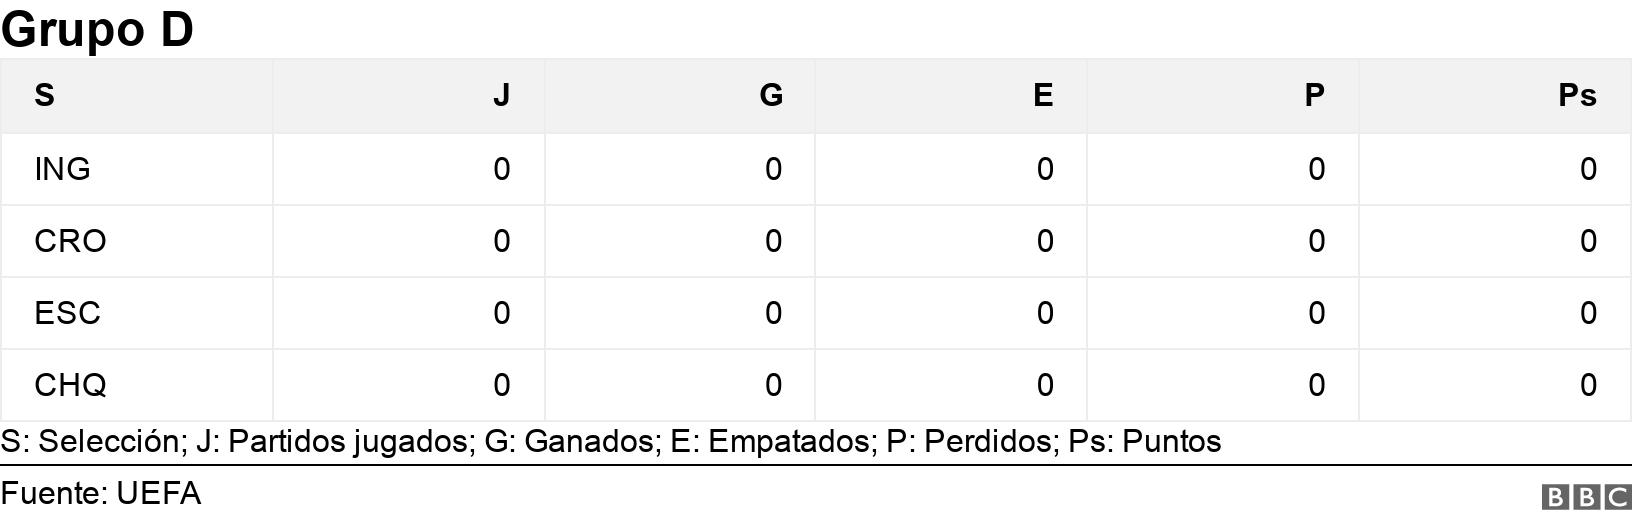 Grupo D. .  S: Selección; J: Partidos jugados; G: Ganados; E: Empatados; P: Perdidos; Ps: Puntos.